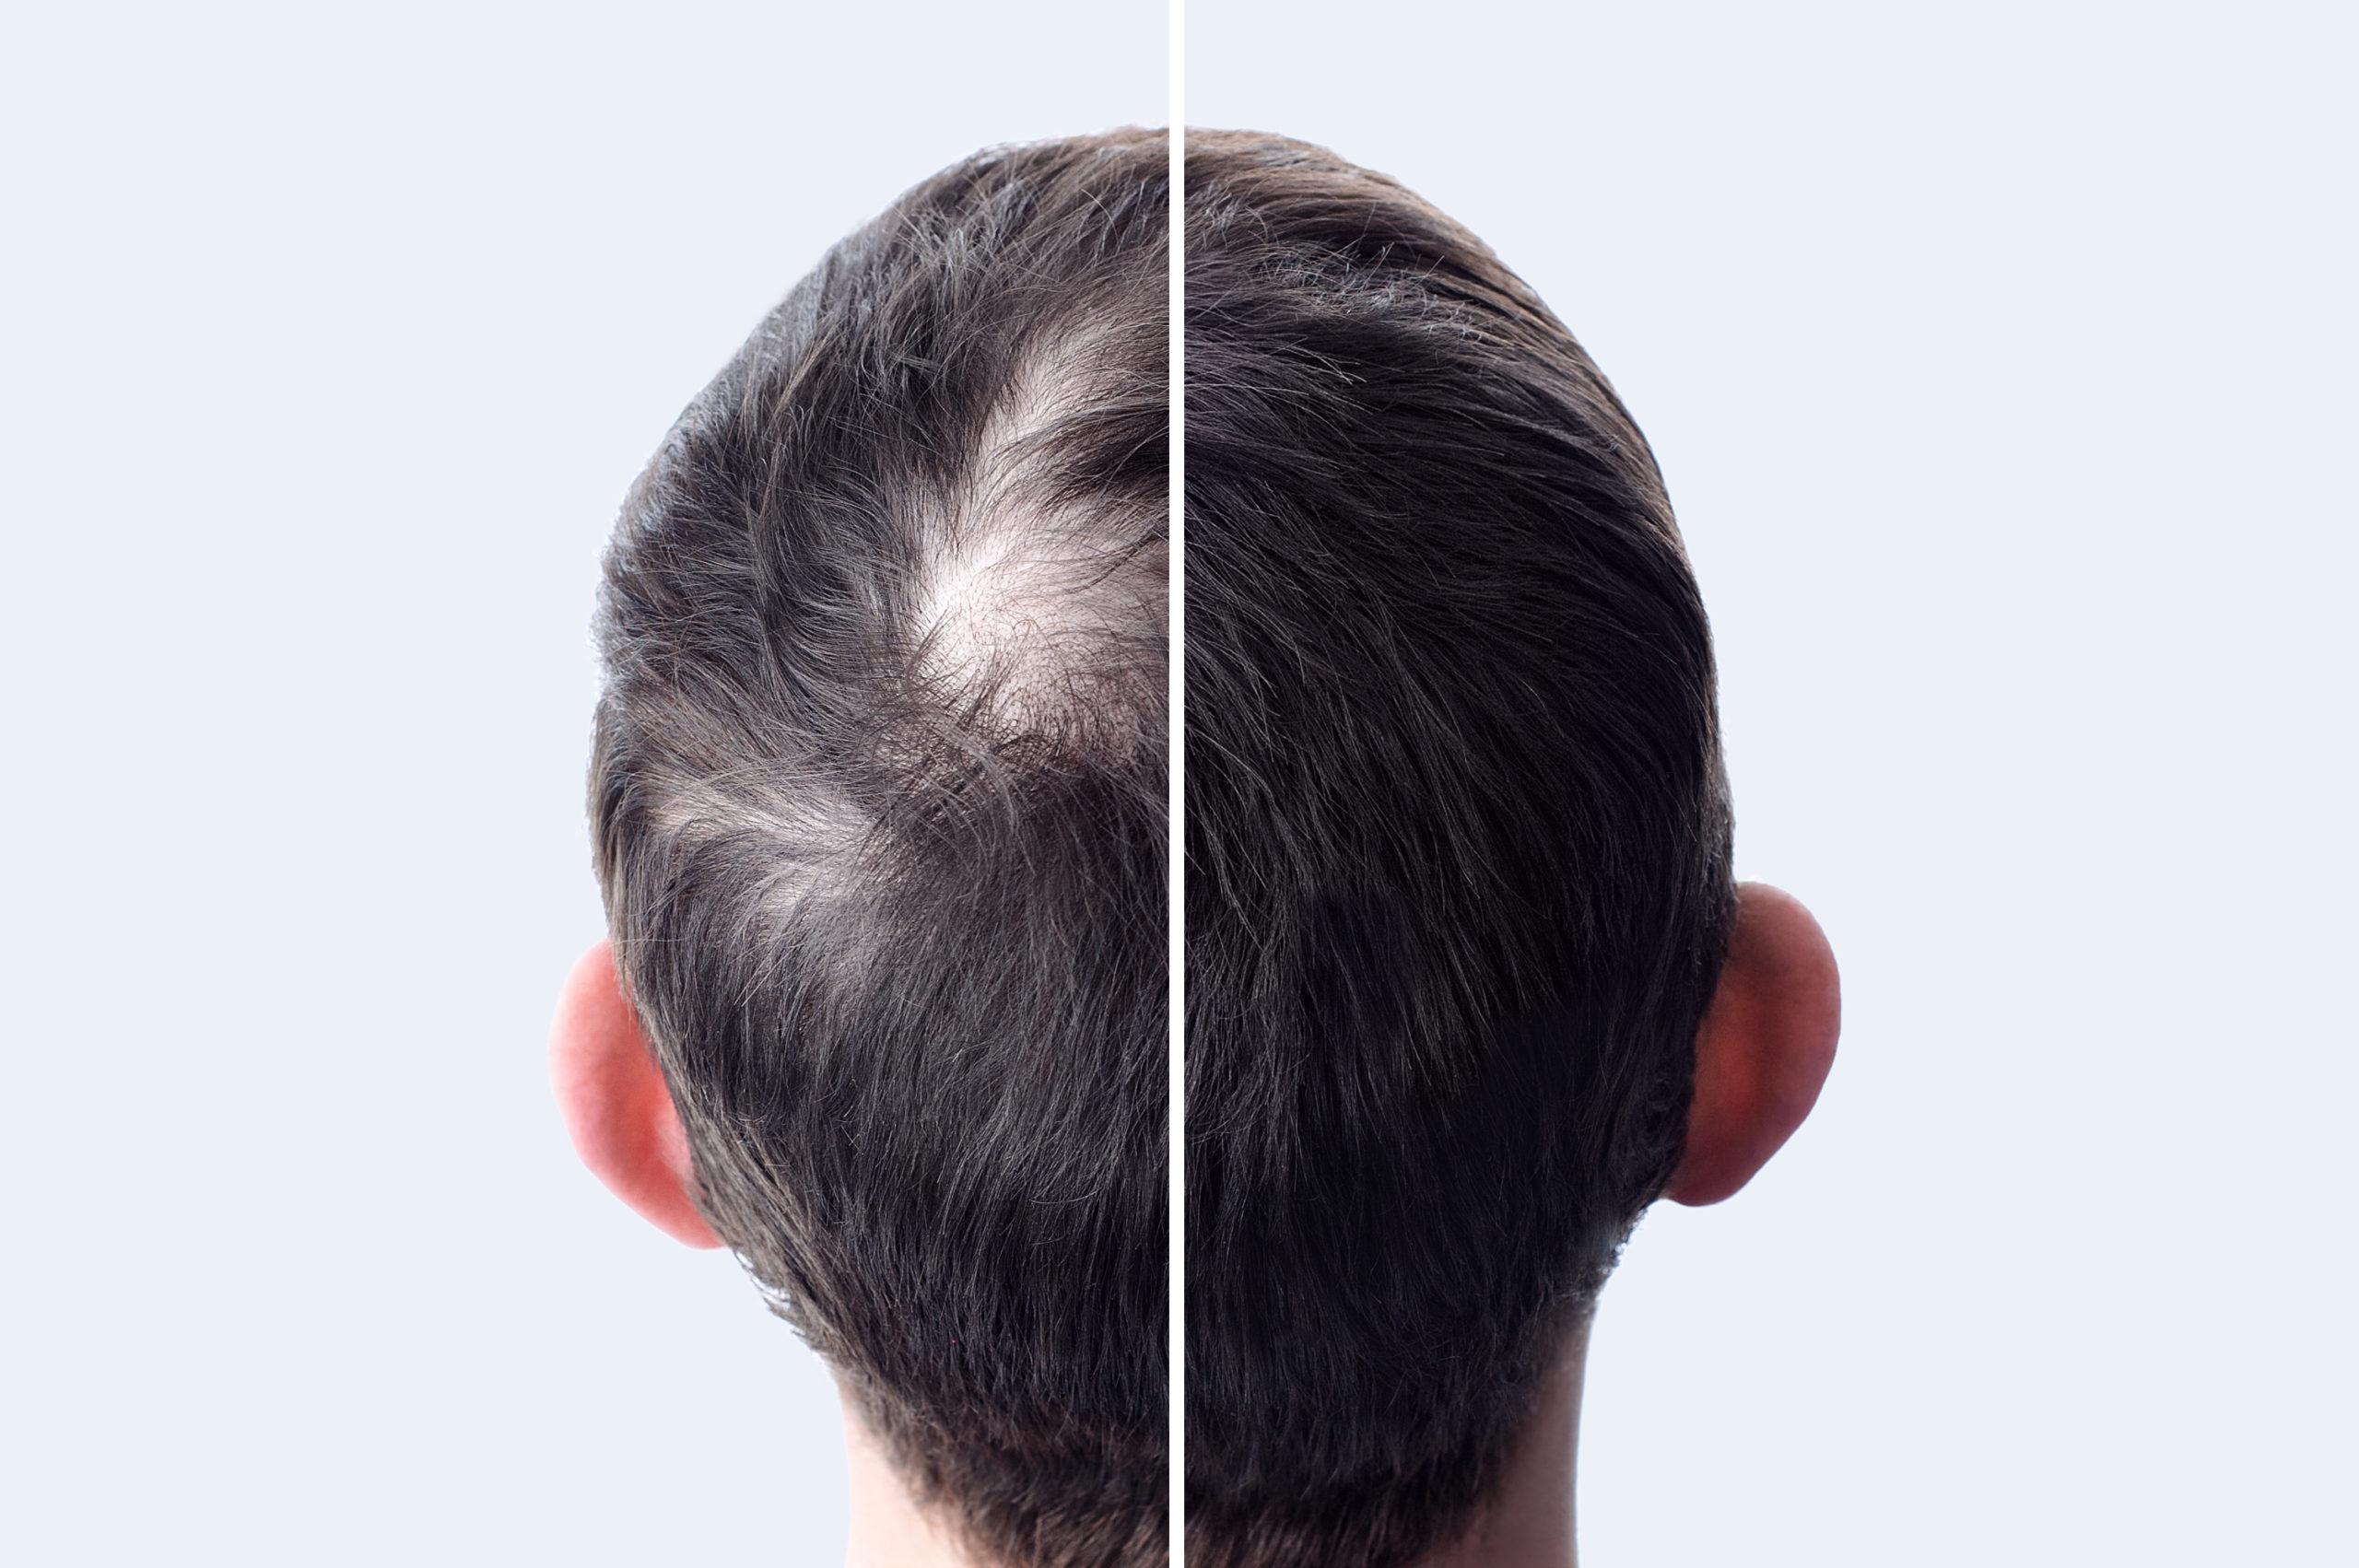 Antes y después del injerto capilar para ganar densidad capilar